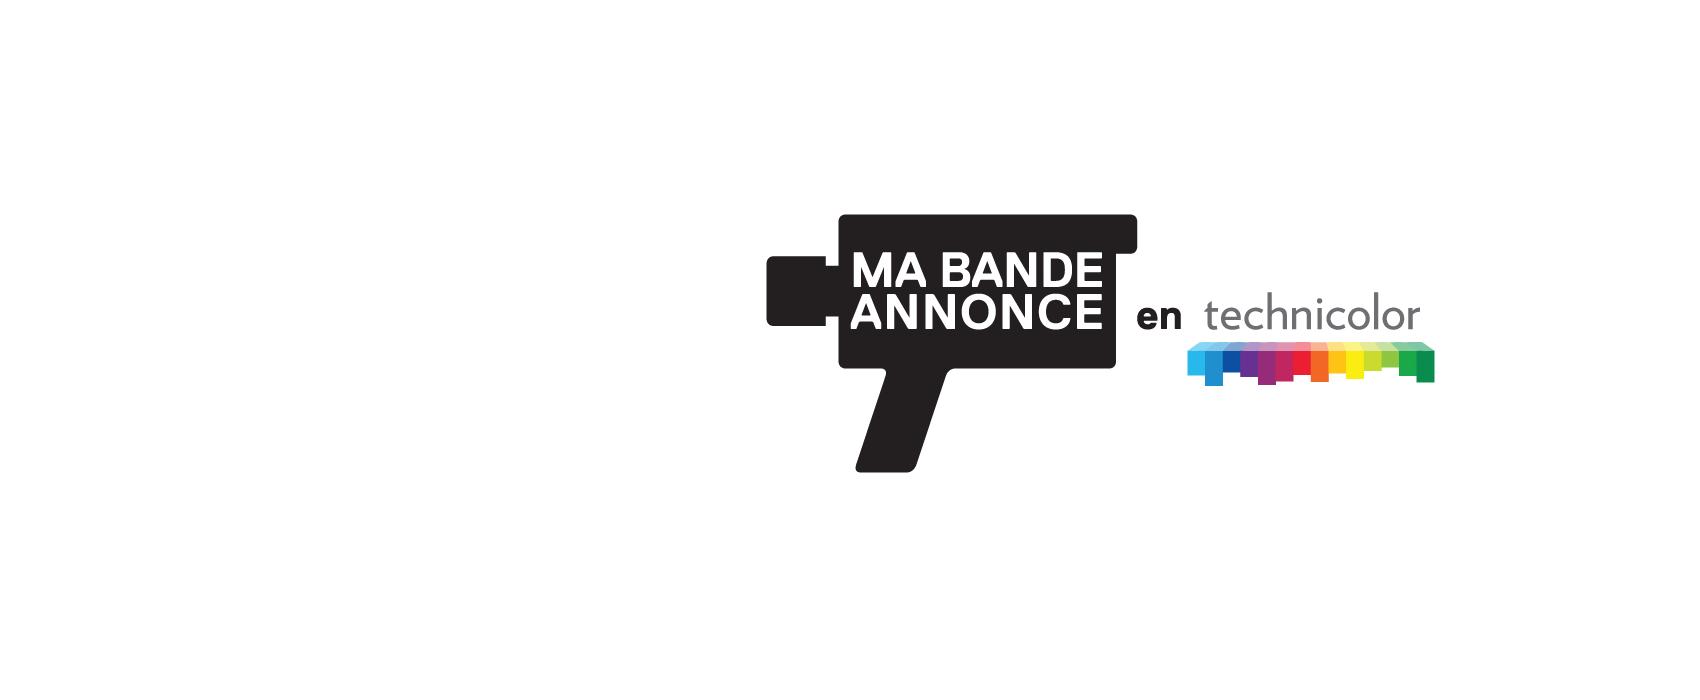 ConcoursCinemaExcentris-Accueil